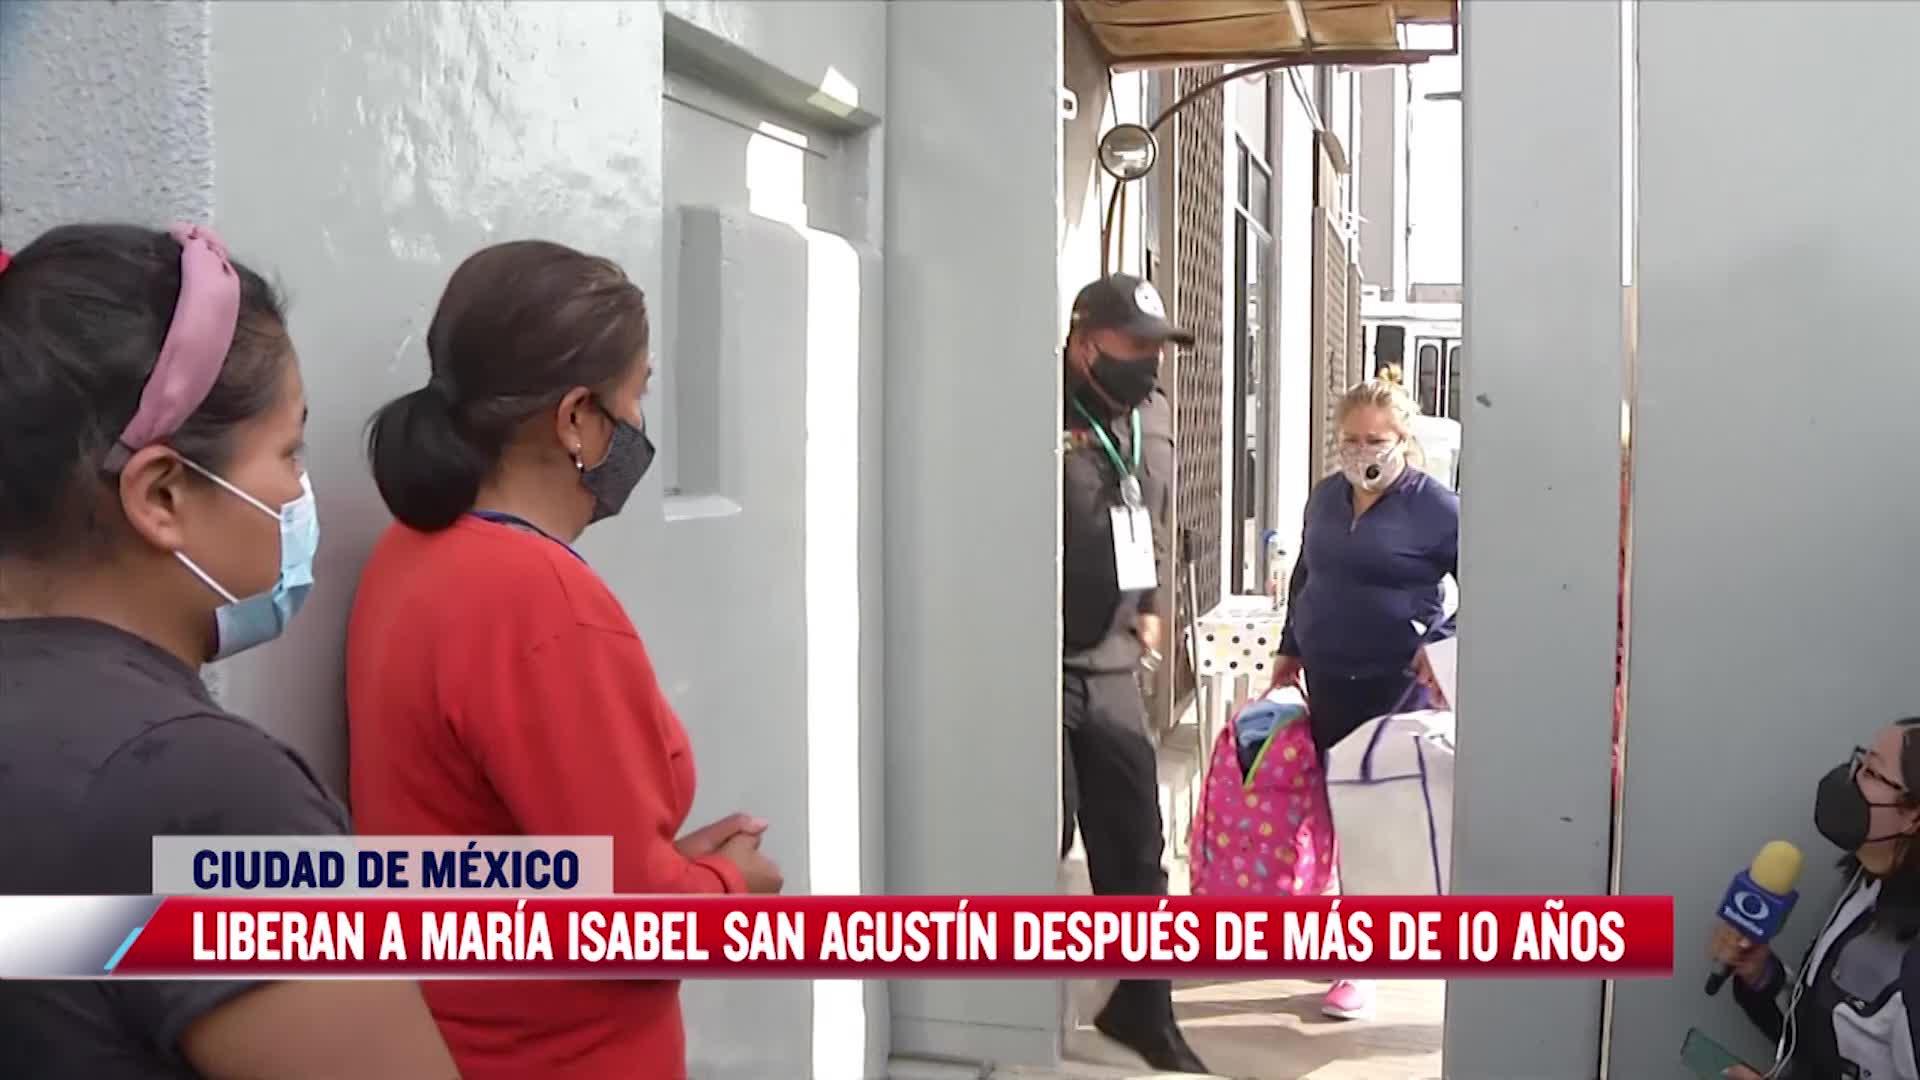 Así liberaron a María Isabel San Agustín, tras once años en la cárcel